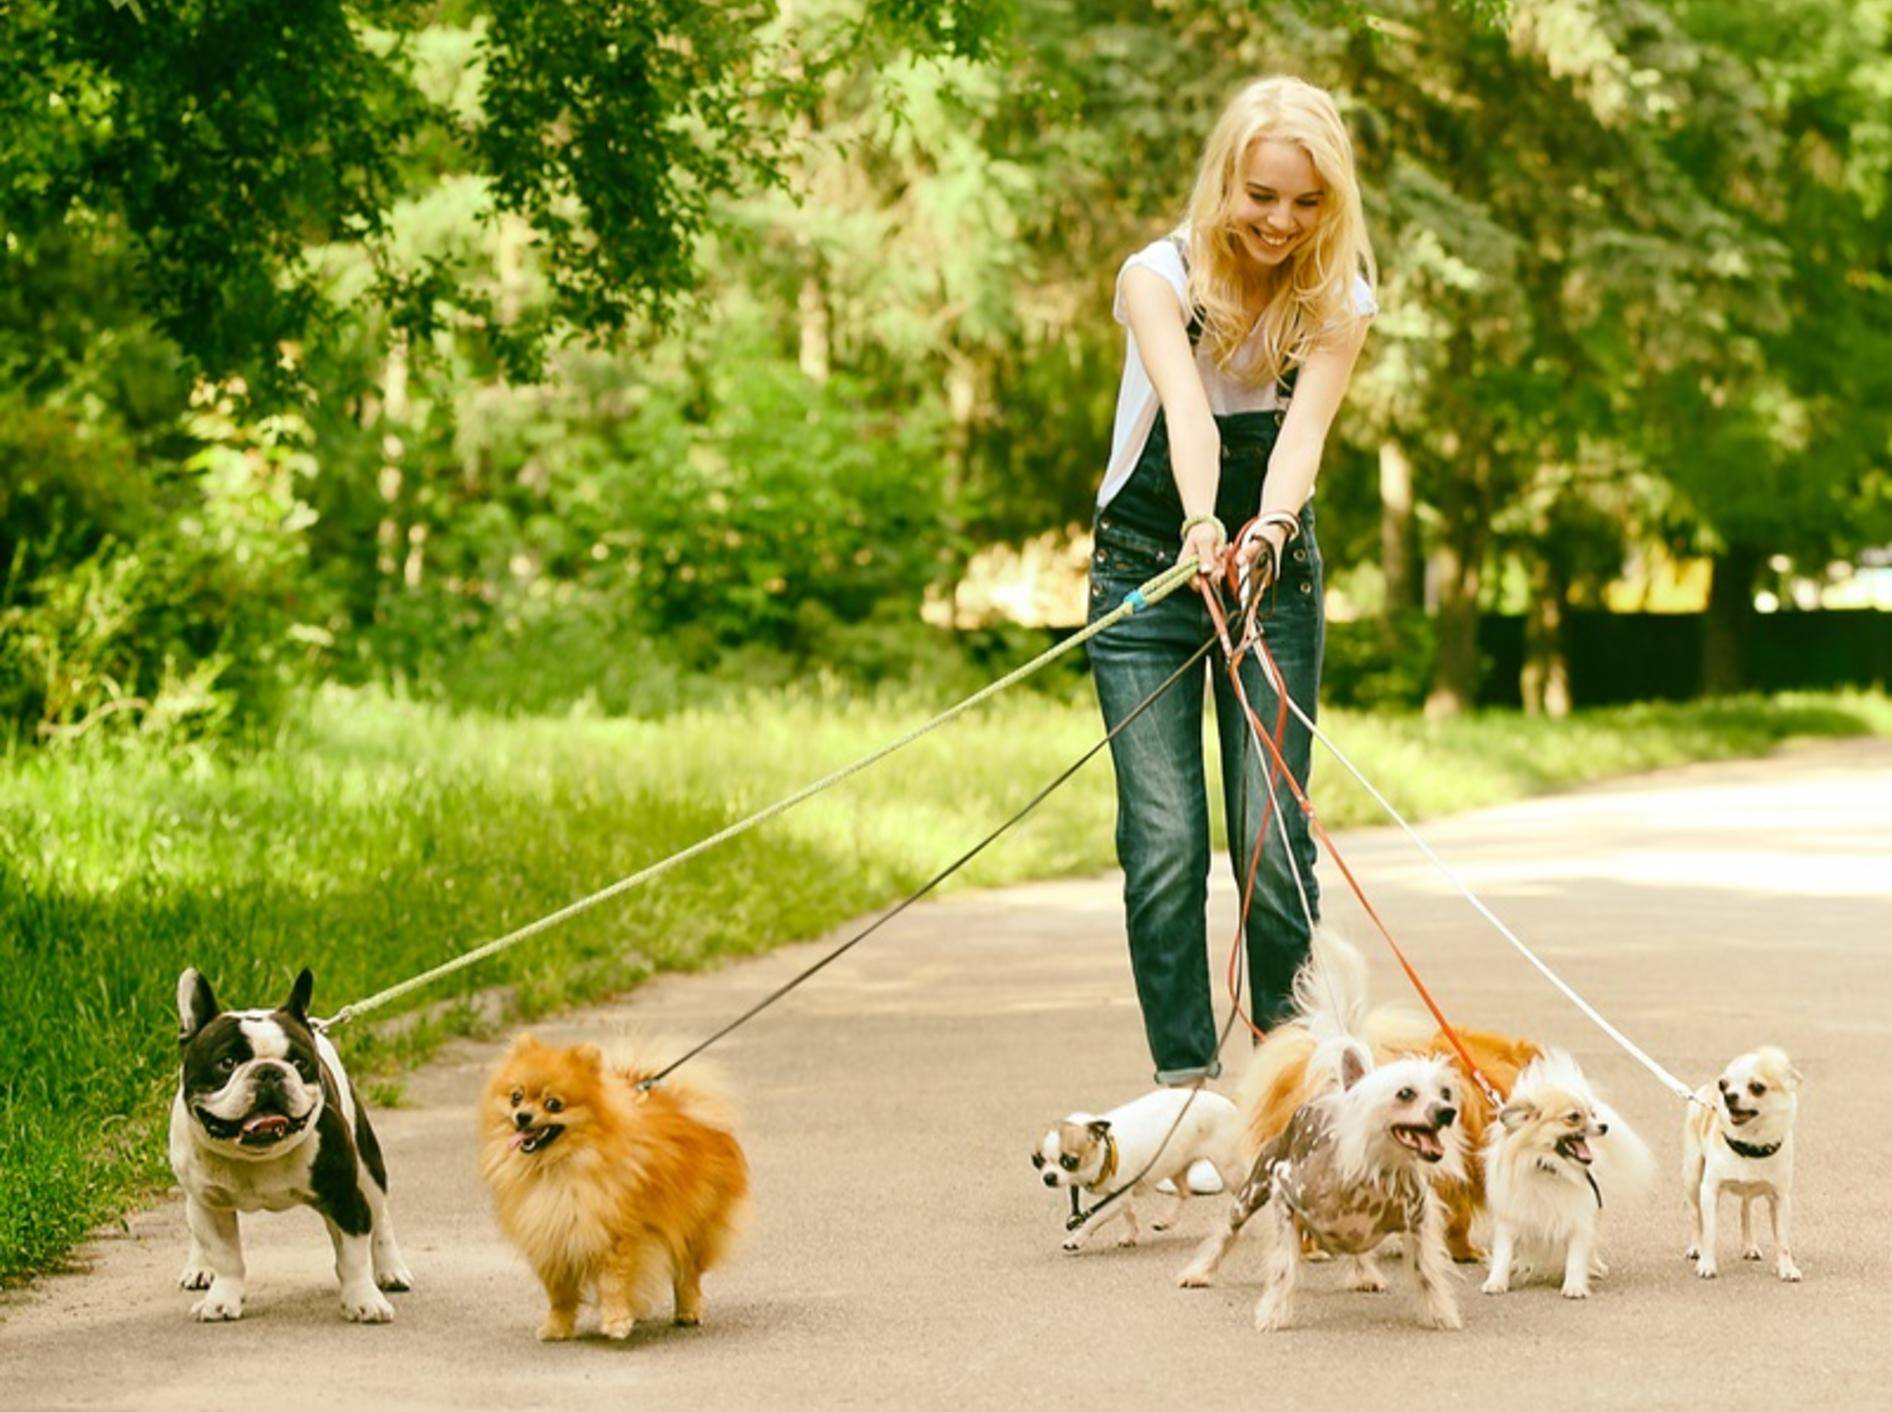 Die kleinen Racker halten ihre Hundesitterin ganz schön auf Trab! – Shutterstock / Africa Studio